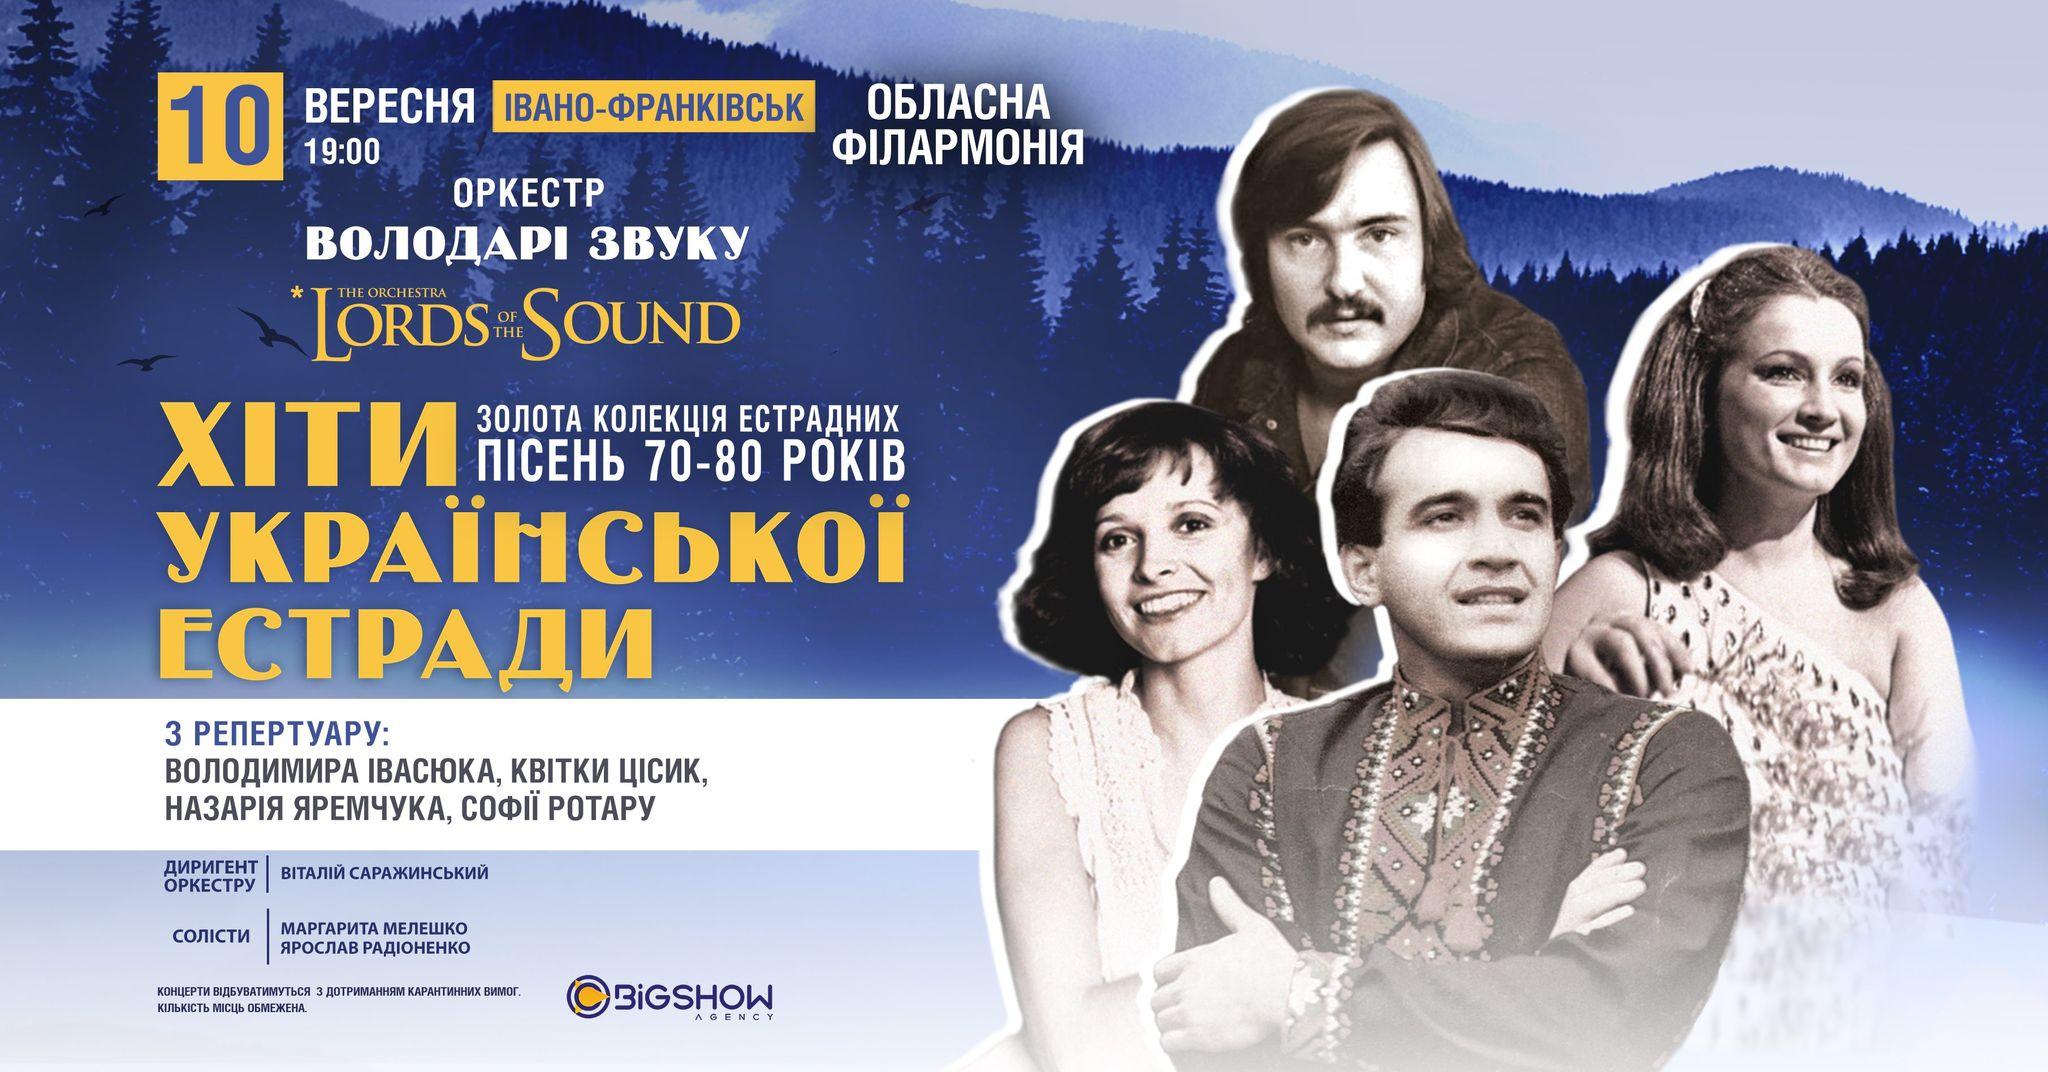 Твори Івасюка, Цісик, Яремчука: франківців кличуть на концерт популярних українських пісень 70-80-х років